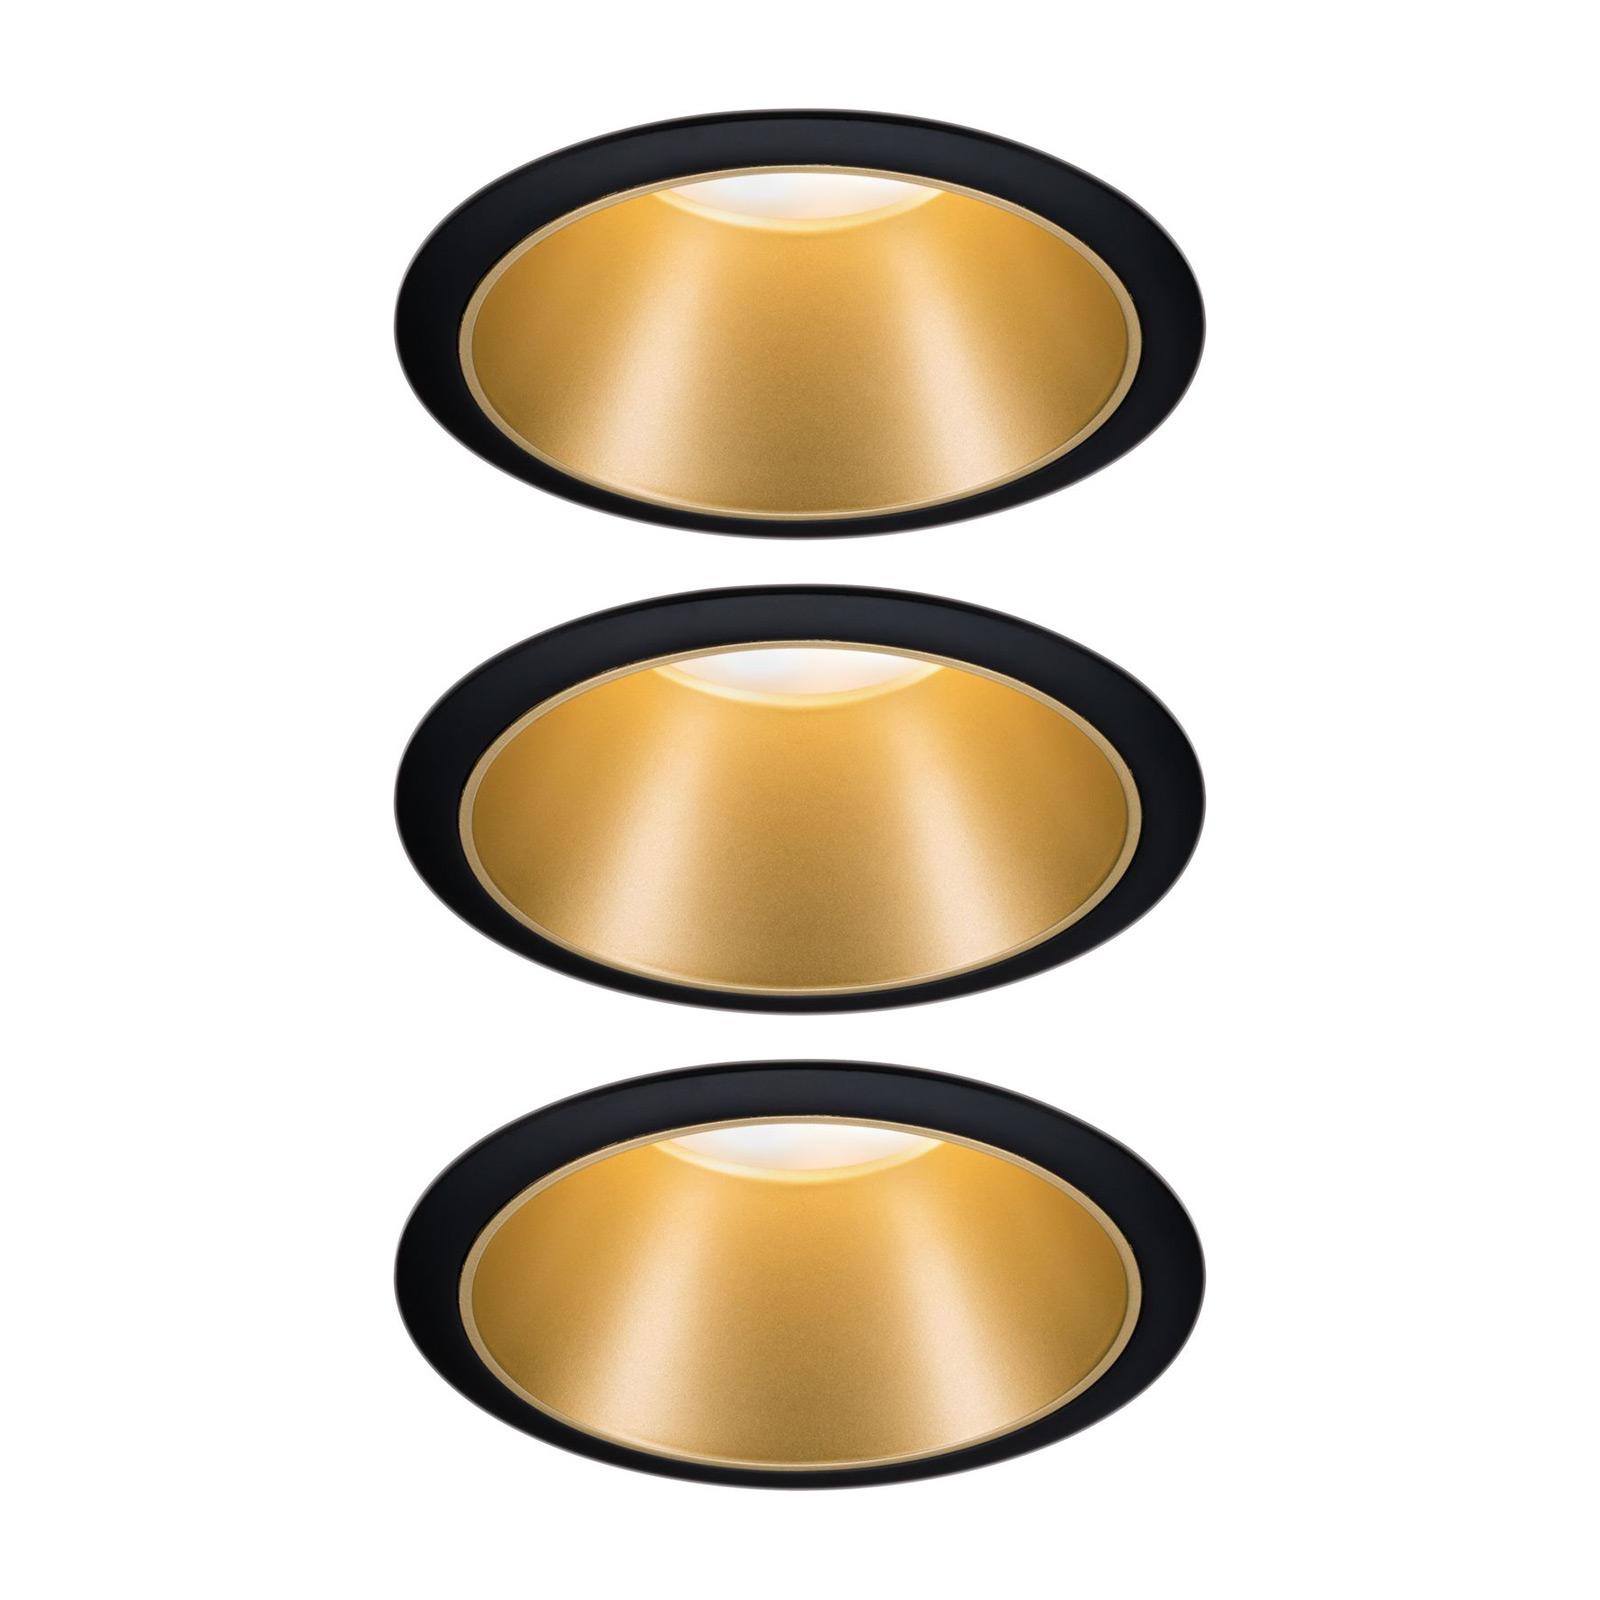 Paulmann Cole LED-spot, gull-svart, 3-pakning